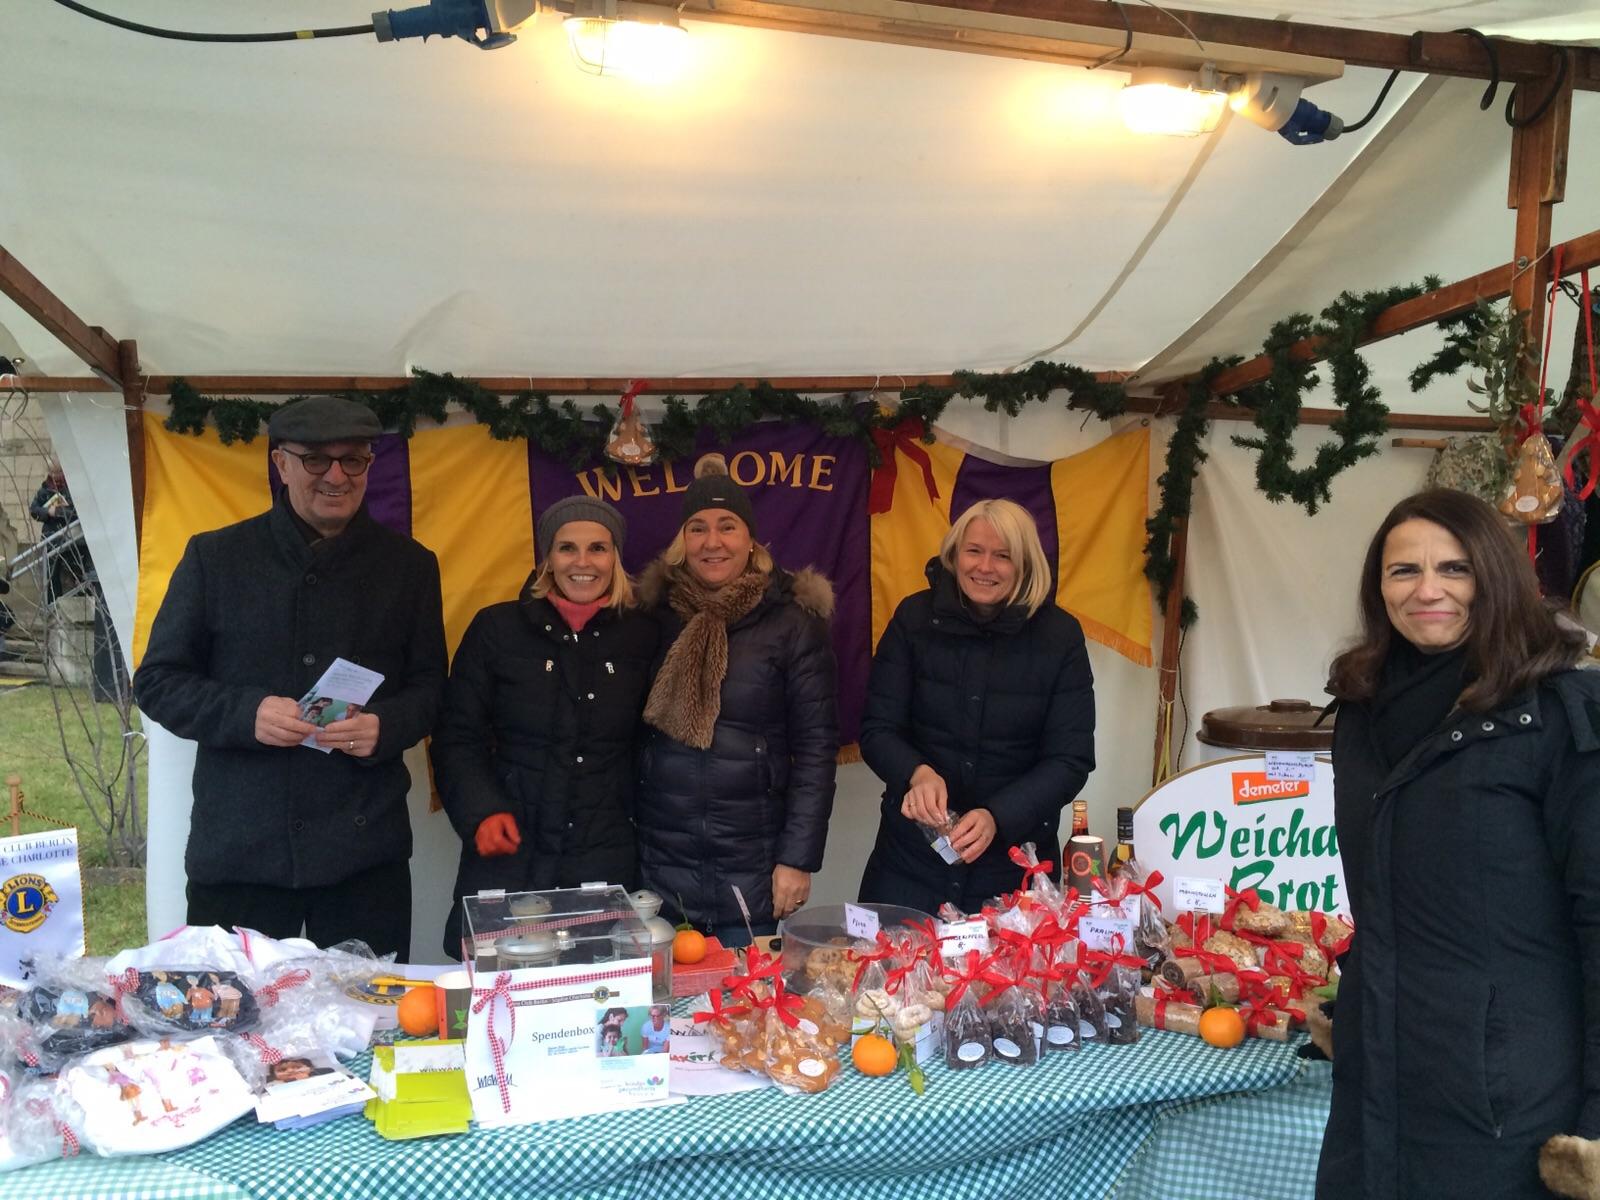 Lionsdamenclub Sophie Charlotte auf dem Weihnachtsmarkt ...